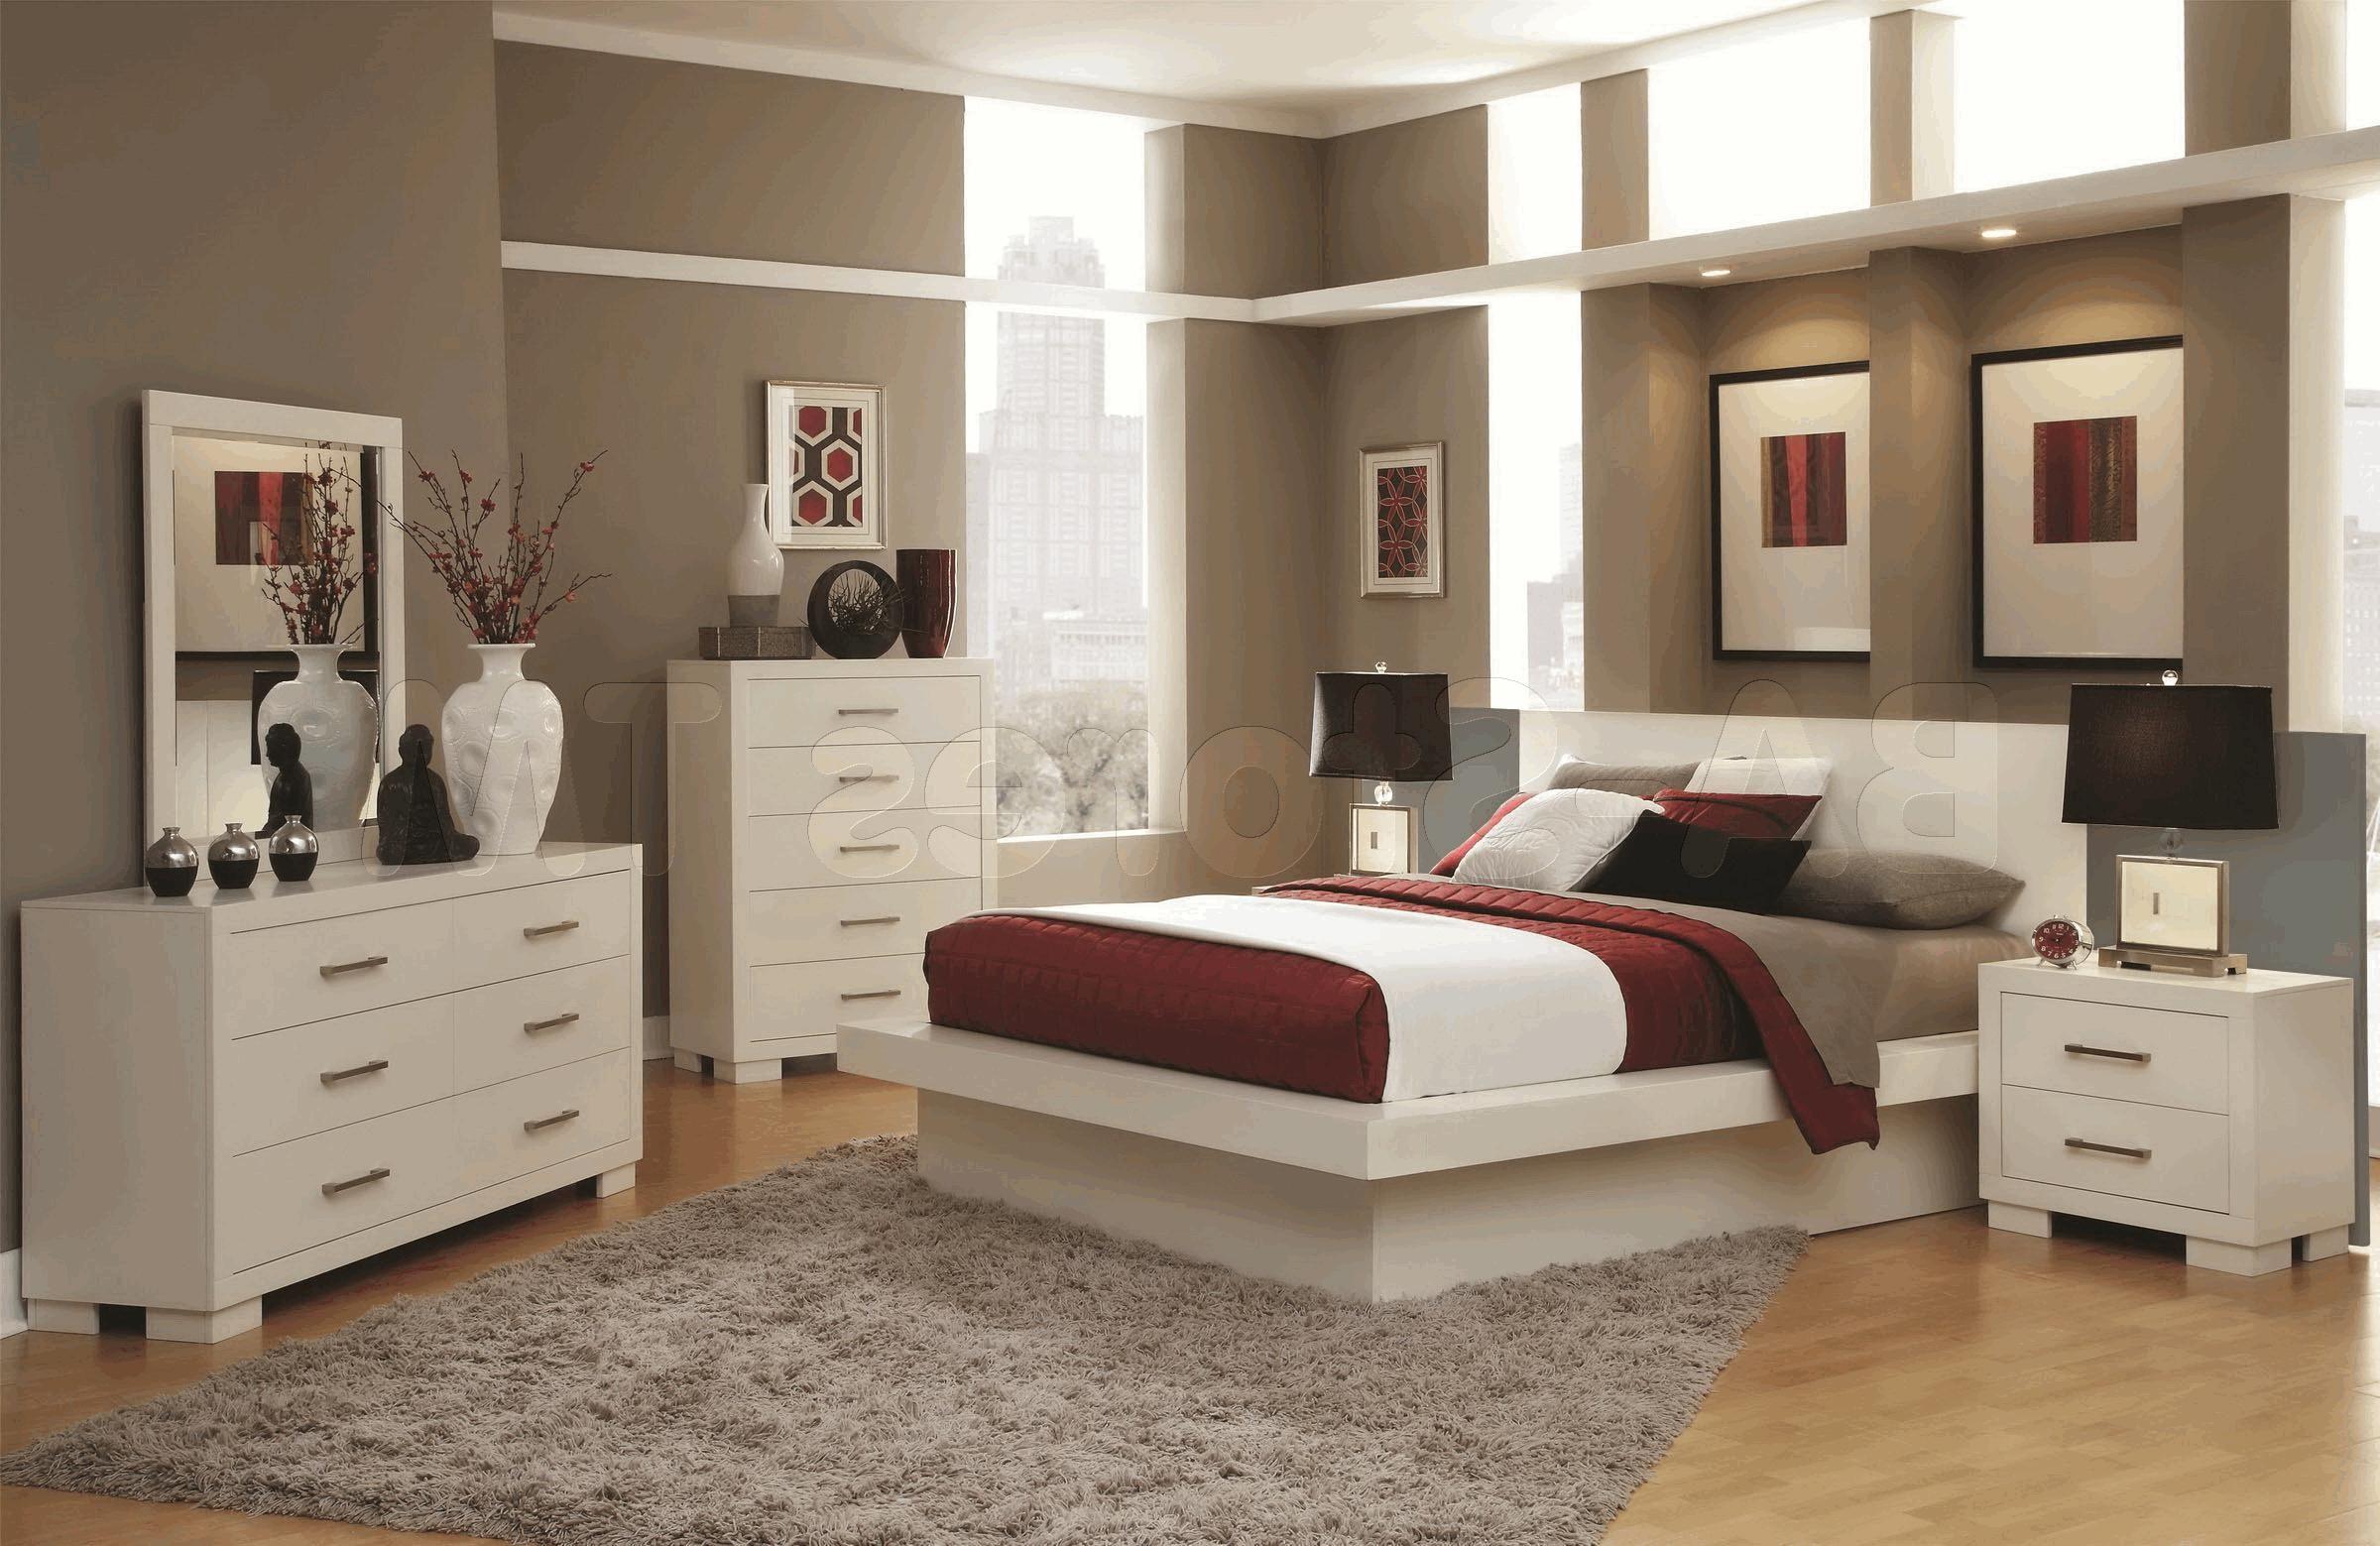 Hausdesign mit zwei schlafzimmern esstisch modernes schlafzimmer sets schwarz und weiß schlafzimmer